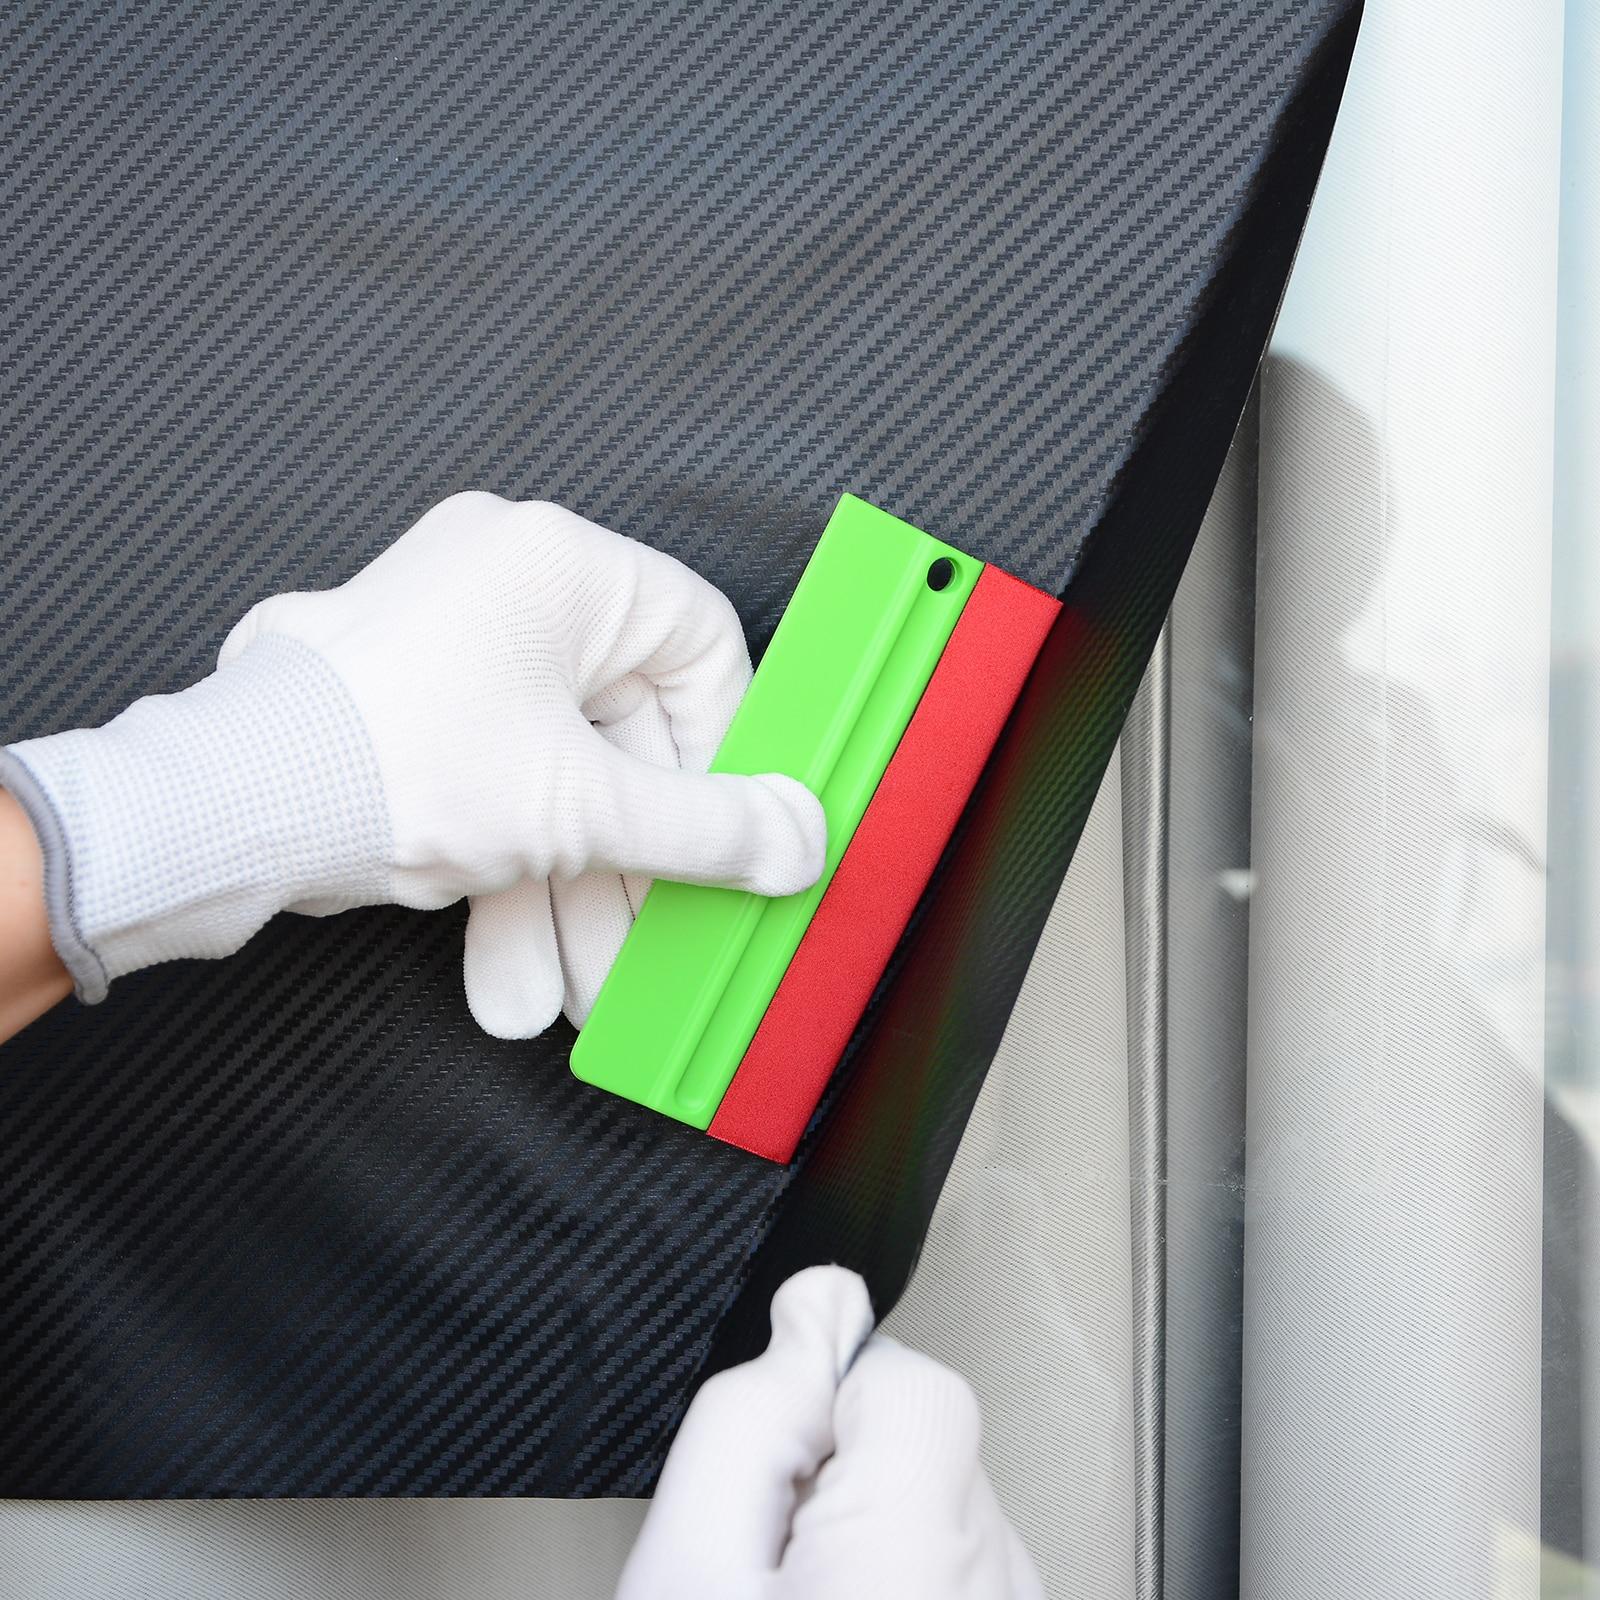 FOSHIO виниловая пленка для автомобиля, войлочный скребк для бритвы, скребок из углеродного волокна, стикер для удаления оконного оттенка, инс...